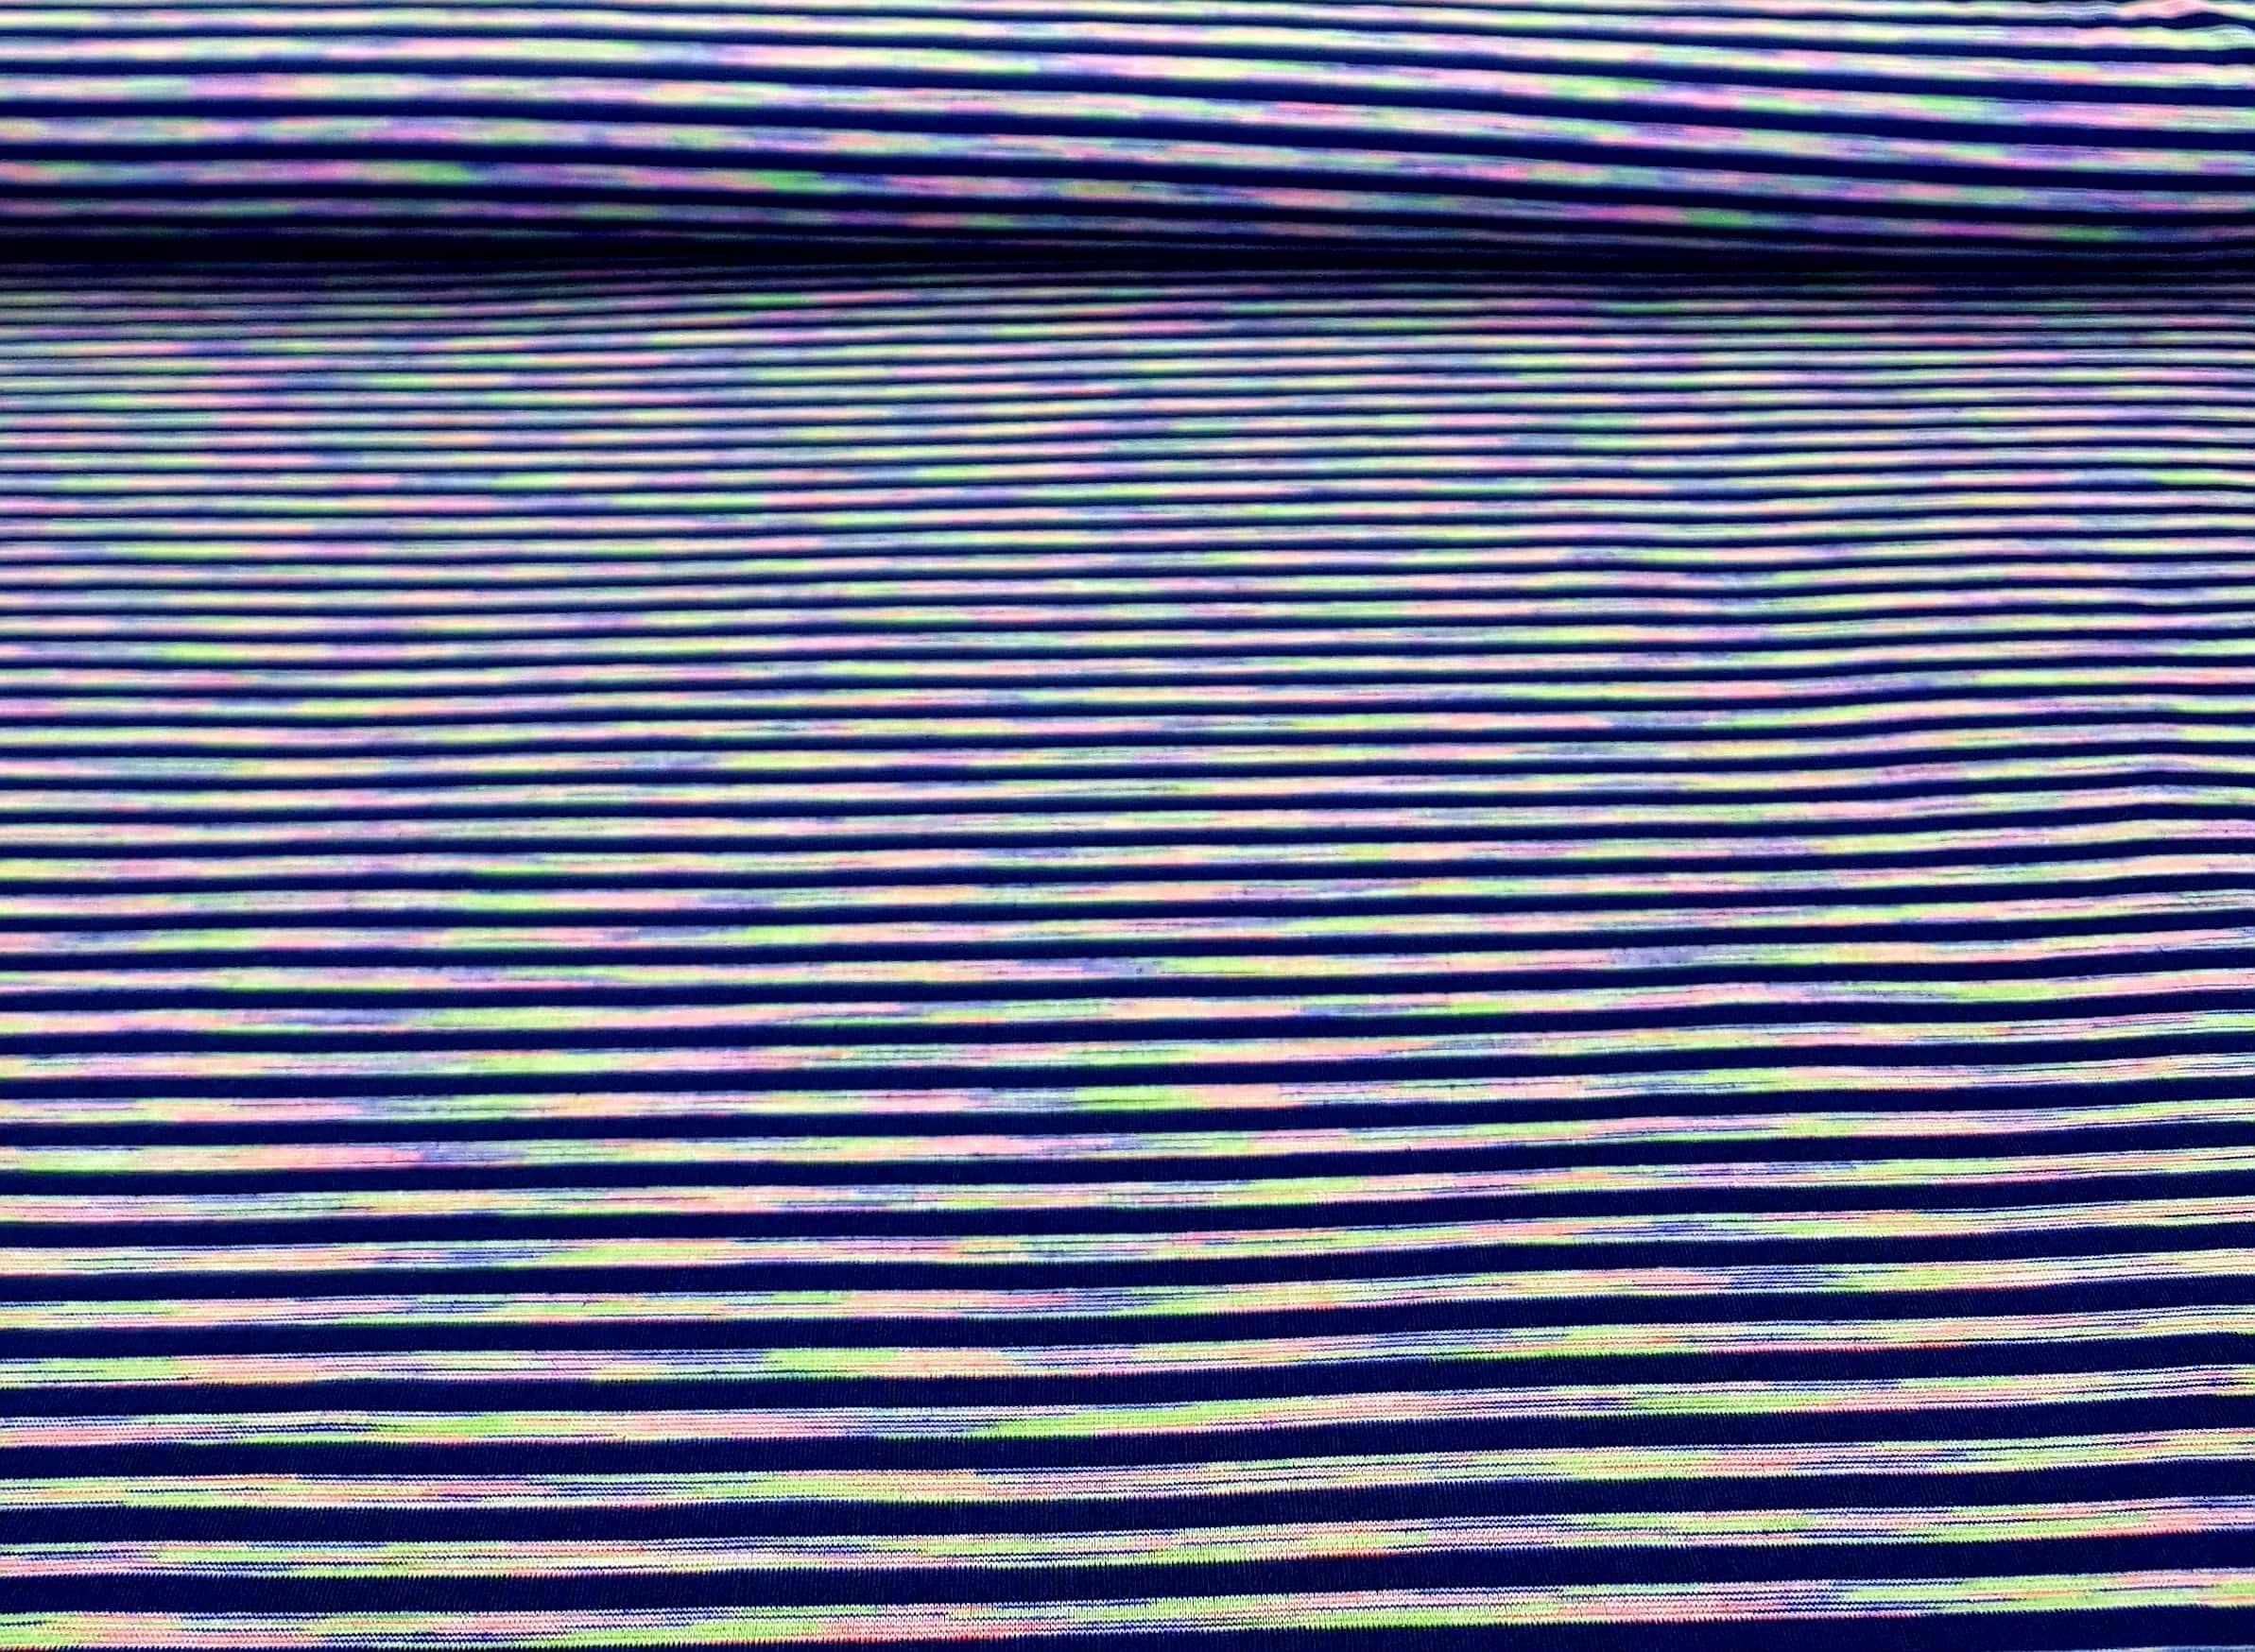 bedruktetricotmetstreepdonkerblauwlimegroen-min